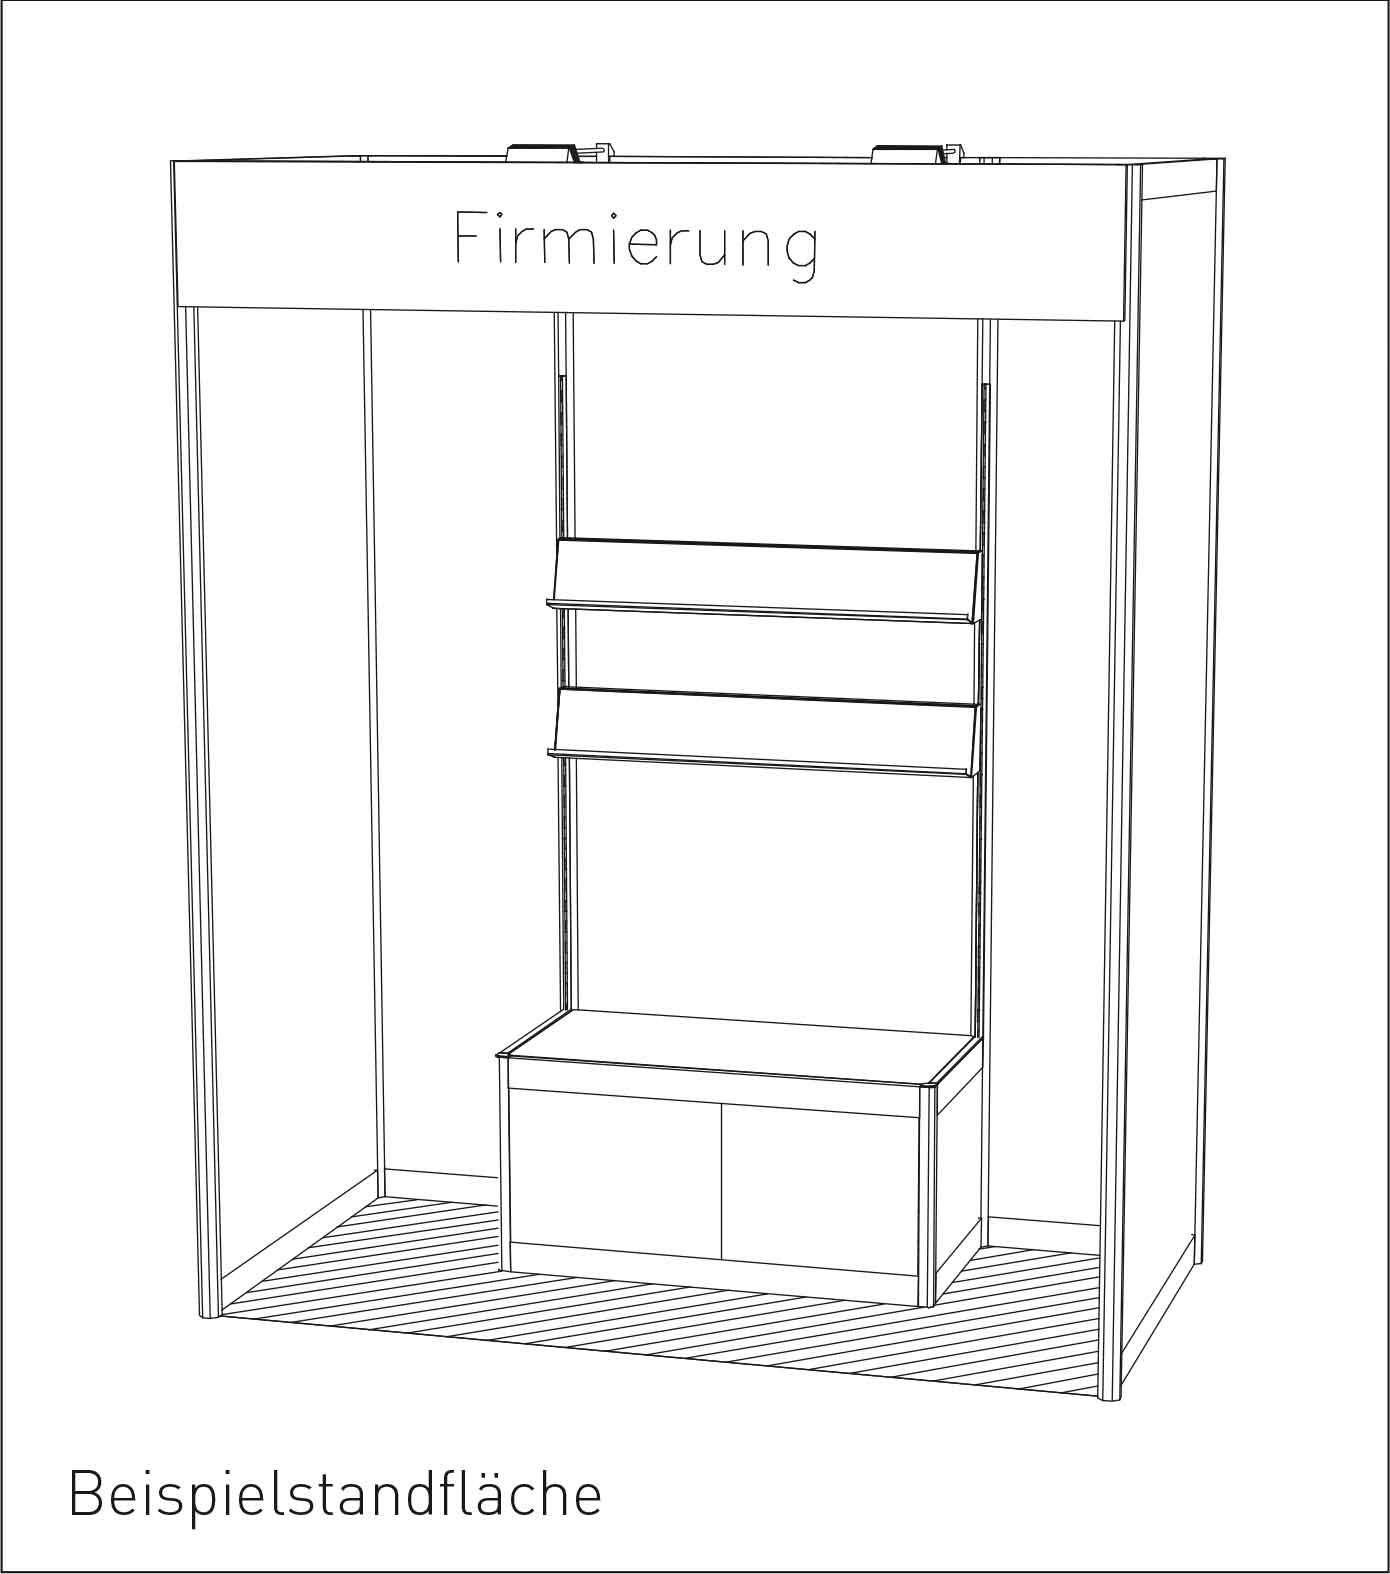 Beispiel eines Autorenstands auf der Leipziger Buchmesse 2015